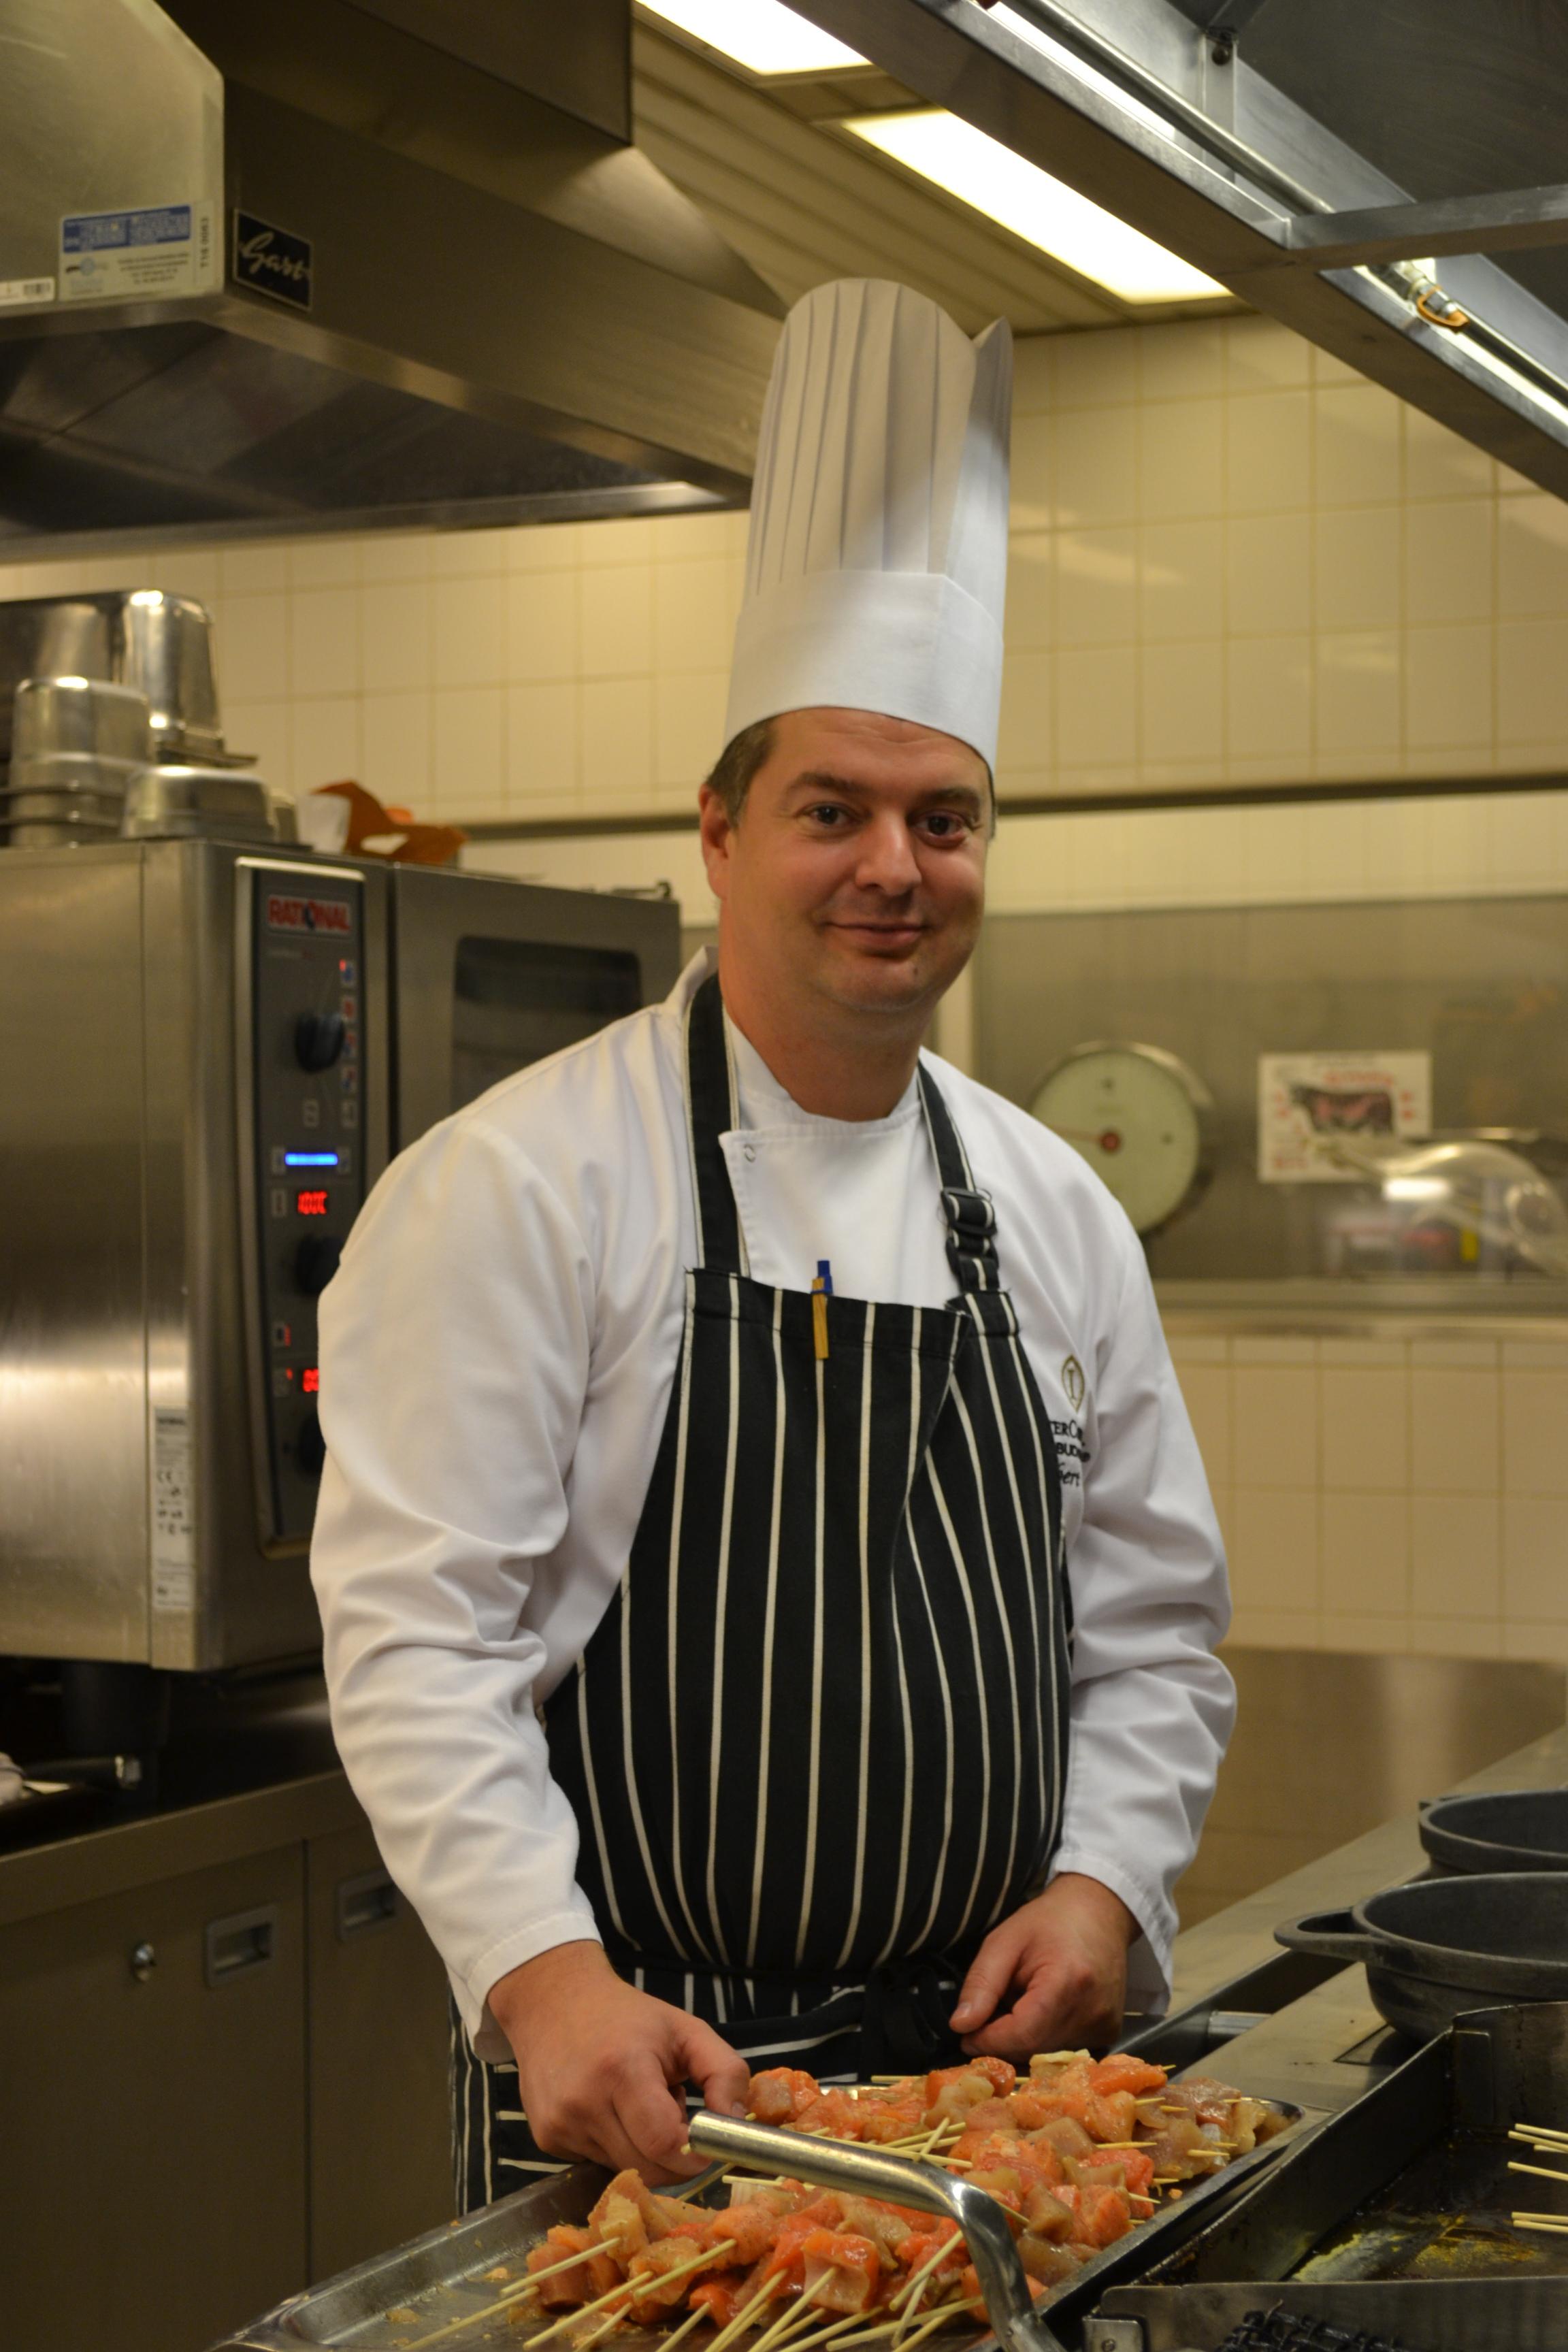 Robert Melis in the kitchen